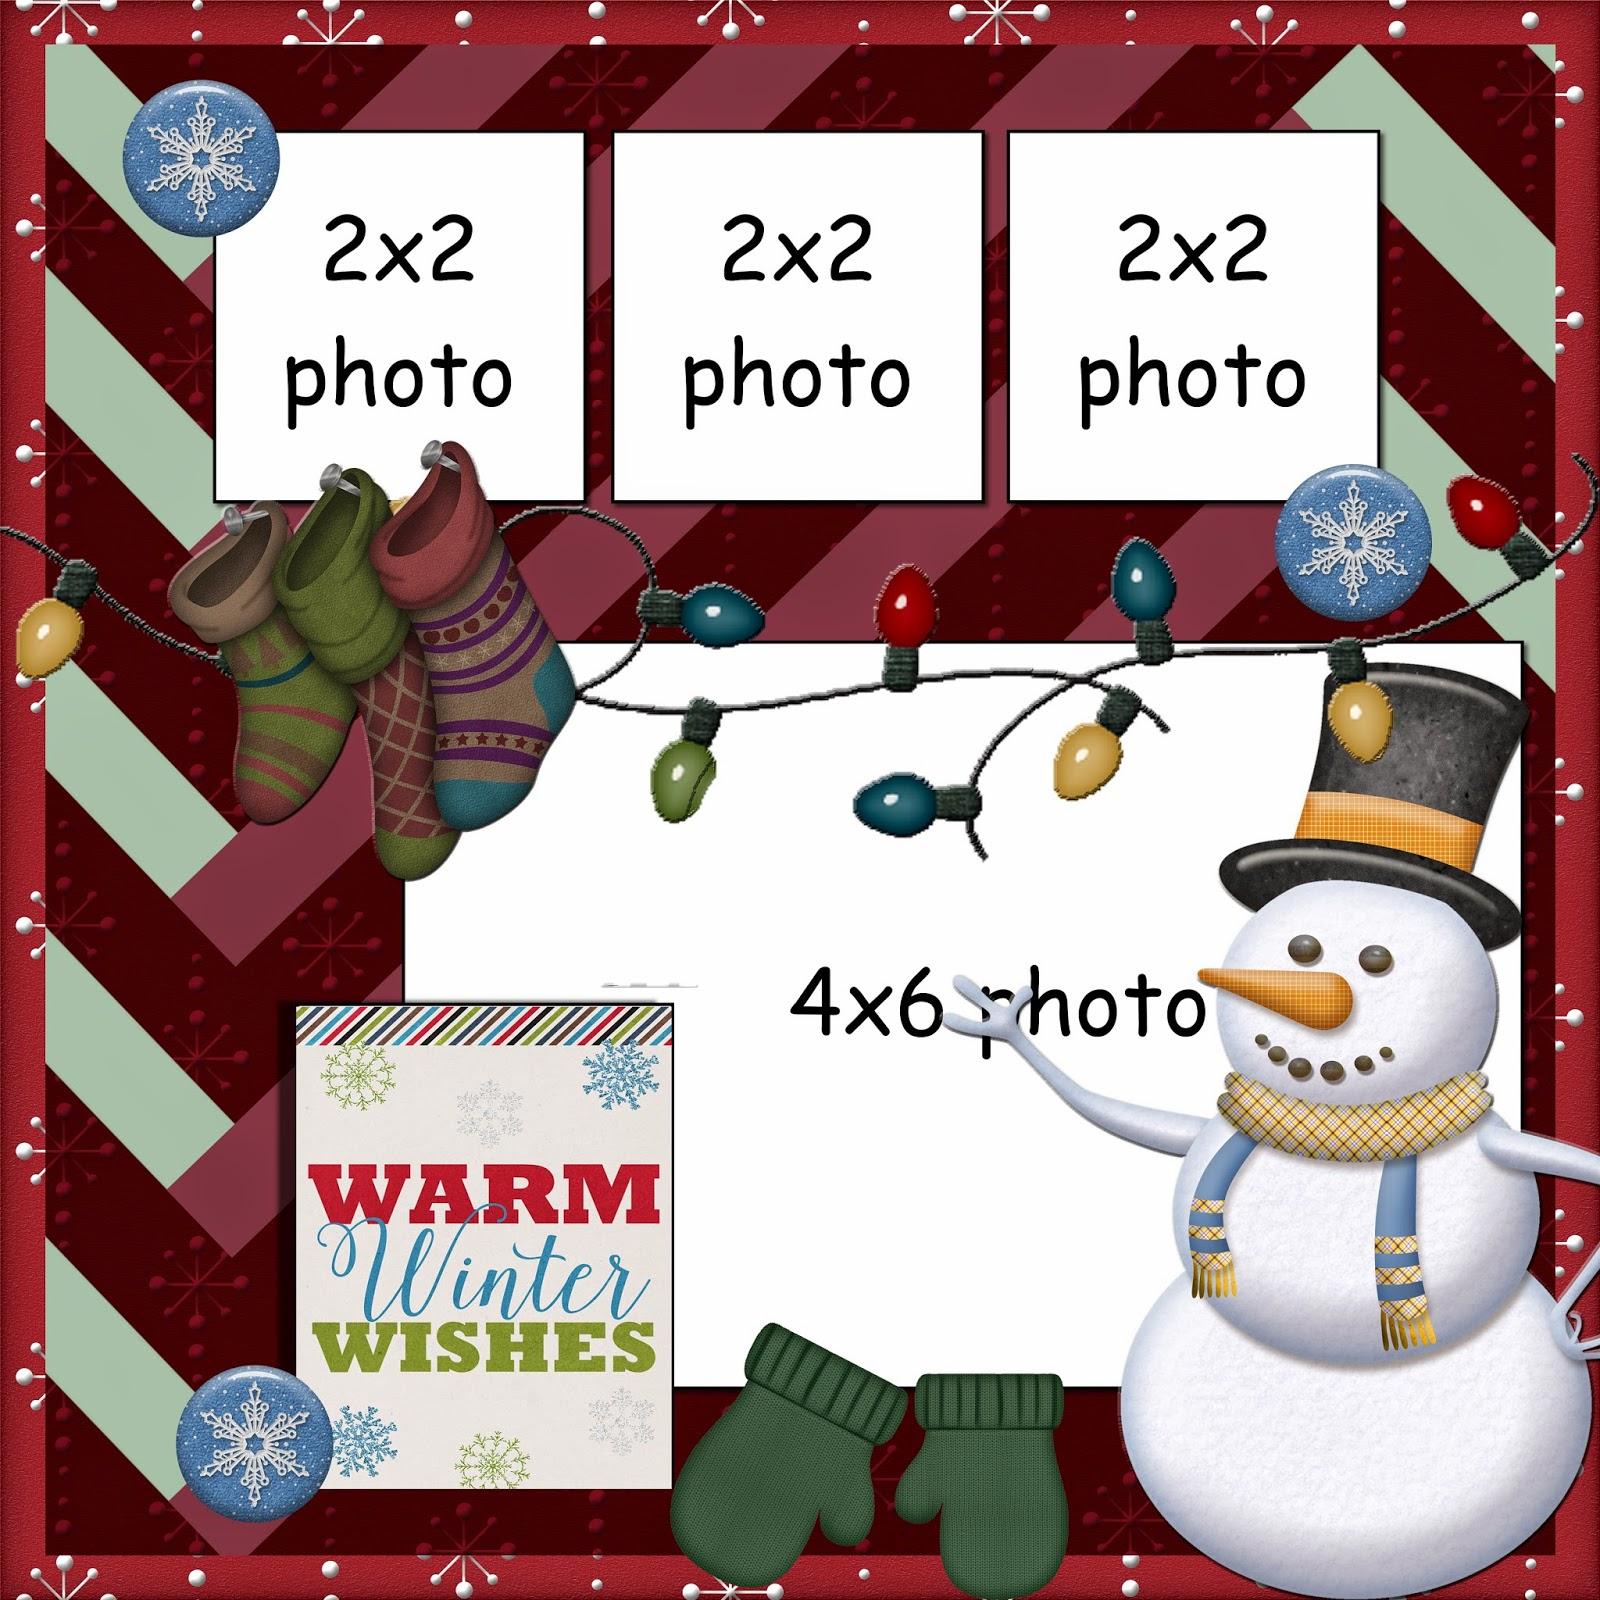 http://1.bp.blogspot.com/-bJVwleeSUSI/VJcBbpq1deI/AAAAAAAAelg/8On9aHSjnMU/s1600/Christmas%2BLayout2.jpeg